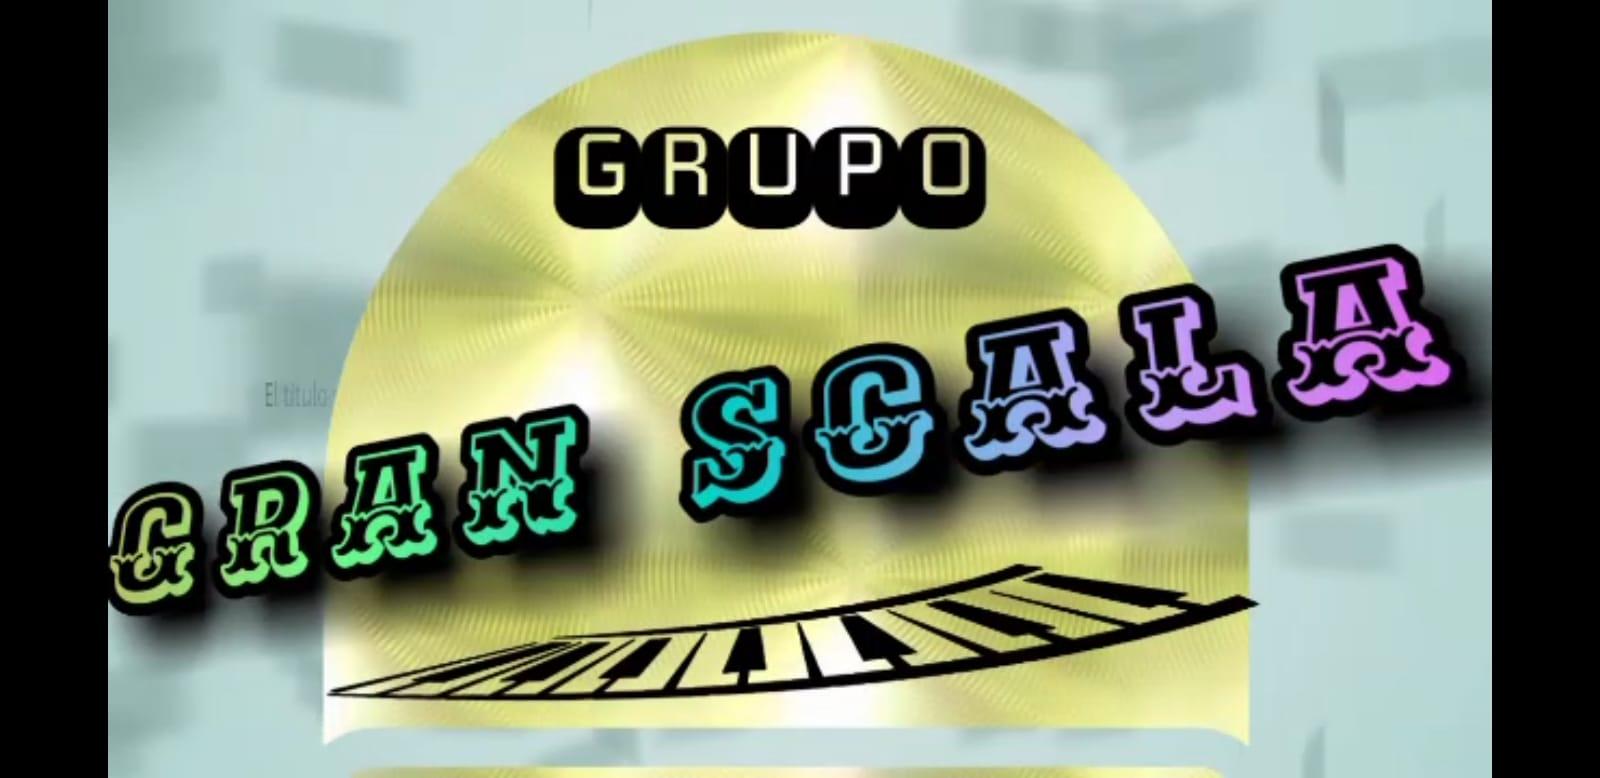 GRAN SCALA TRIO